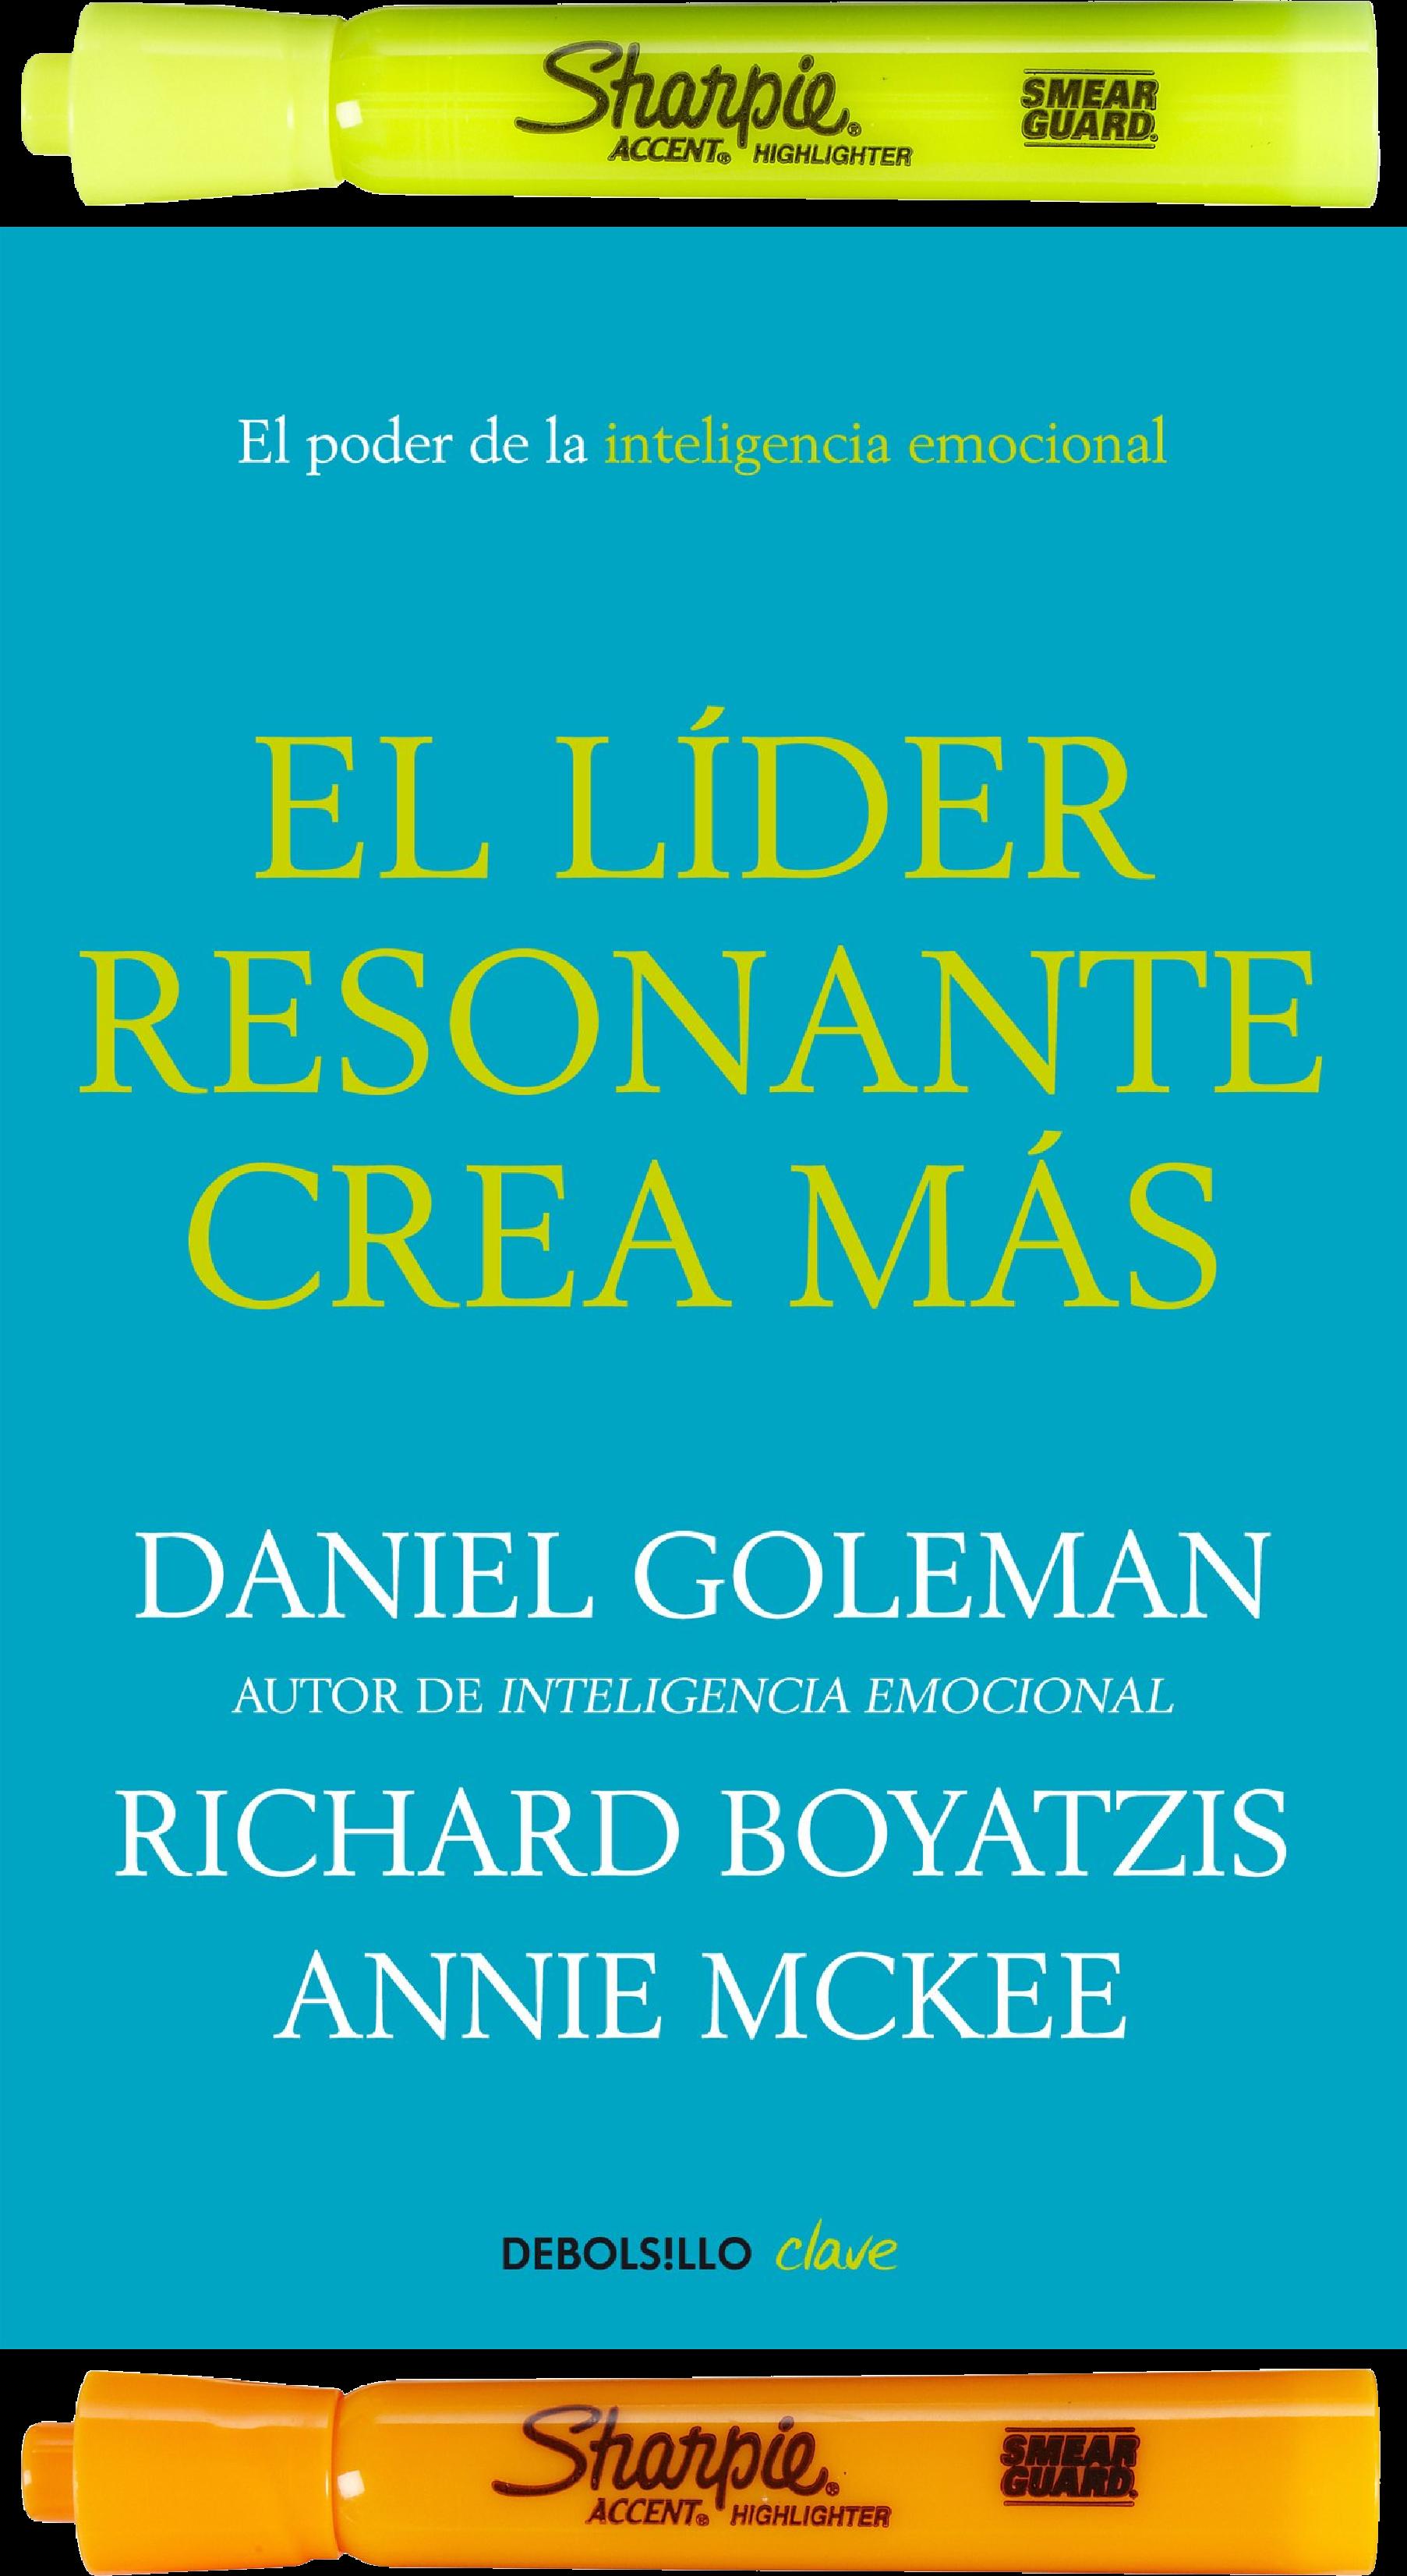 El Lider Resonante Crea Mas Daniel Goleman 2 Resaltadores Libros Sobre Liderazgo Libros Para Leer Libro De Exito